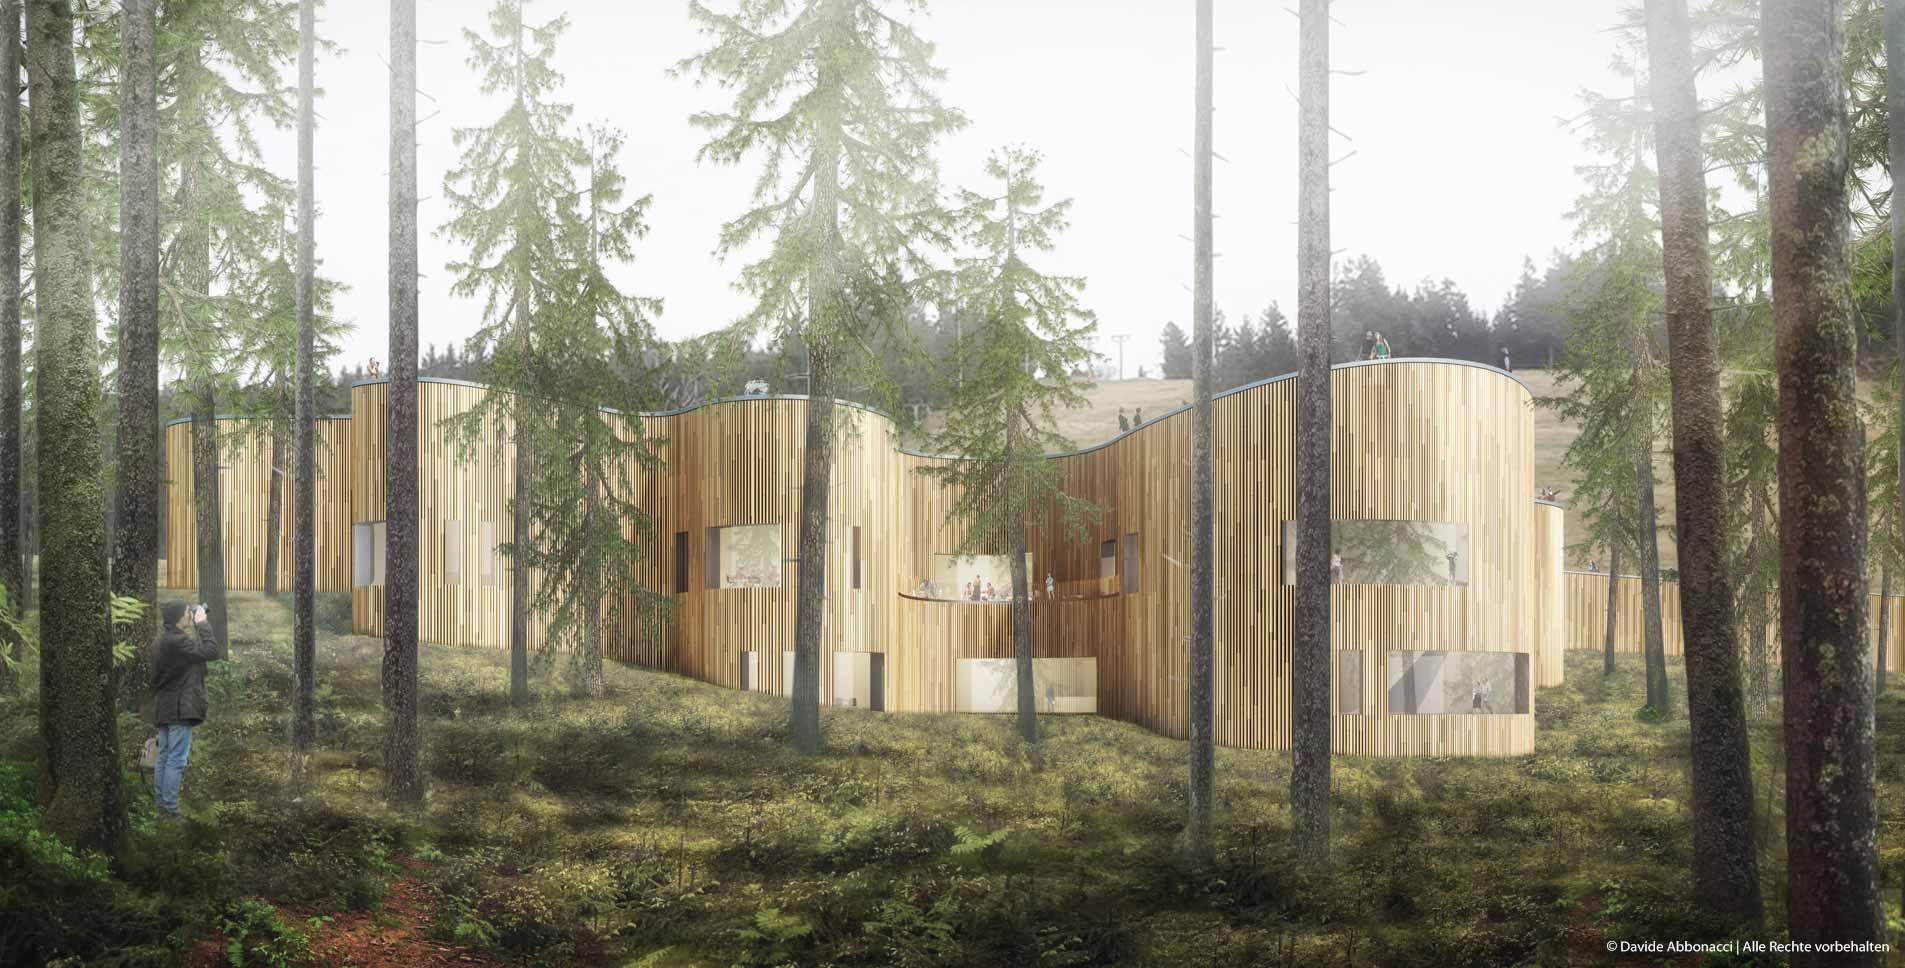 Besucherzentrum für Nationalpark Schwarzwald | Anne Kleinlein Architektin | 2015 Wettbewerbsvisualisierung | 3. Preis